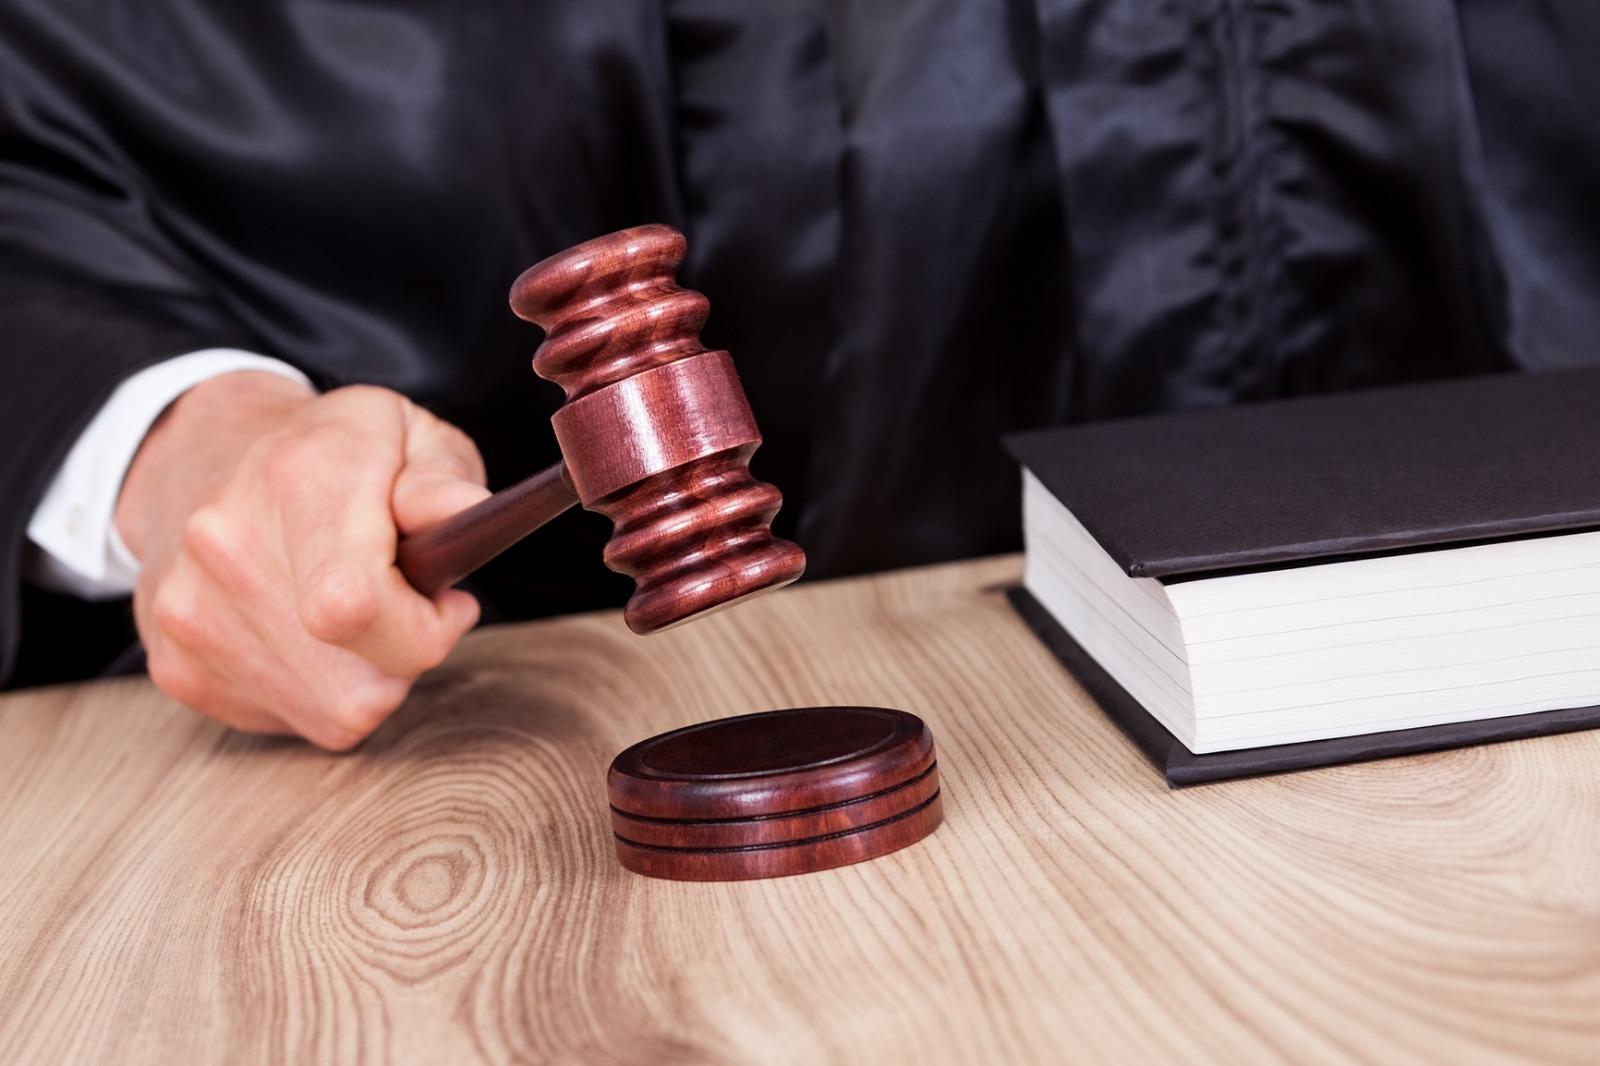 Суд оштрафовал Мариинскую больницу, которая закрыла плановый приём из-за очага коронавируса